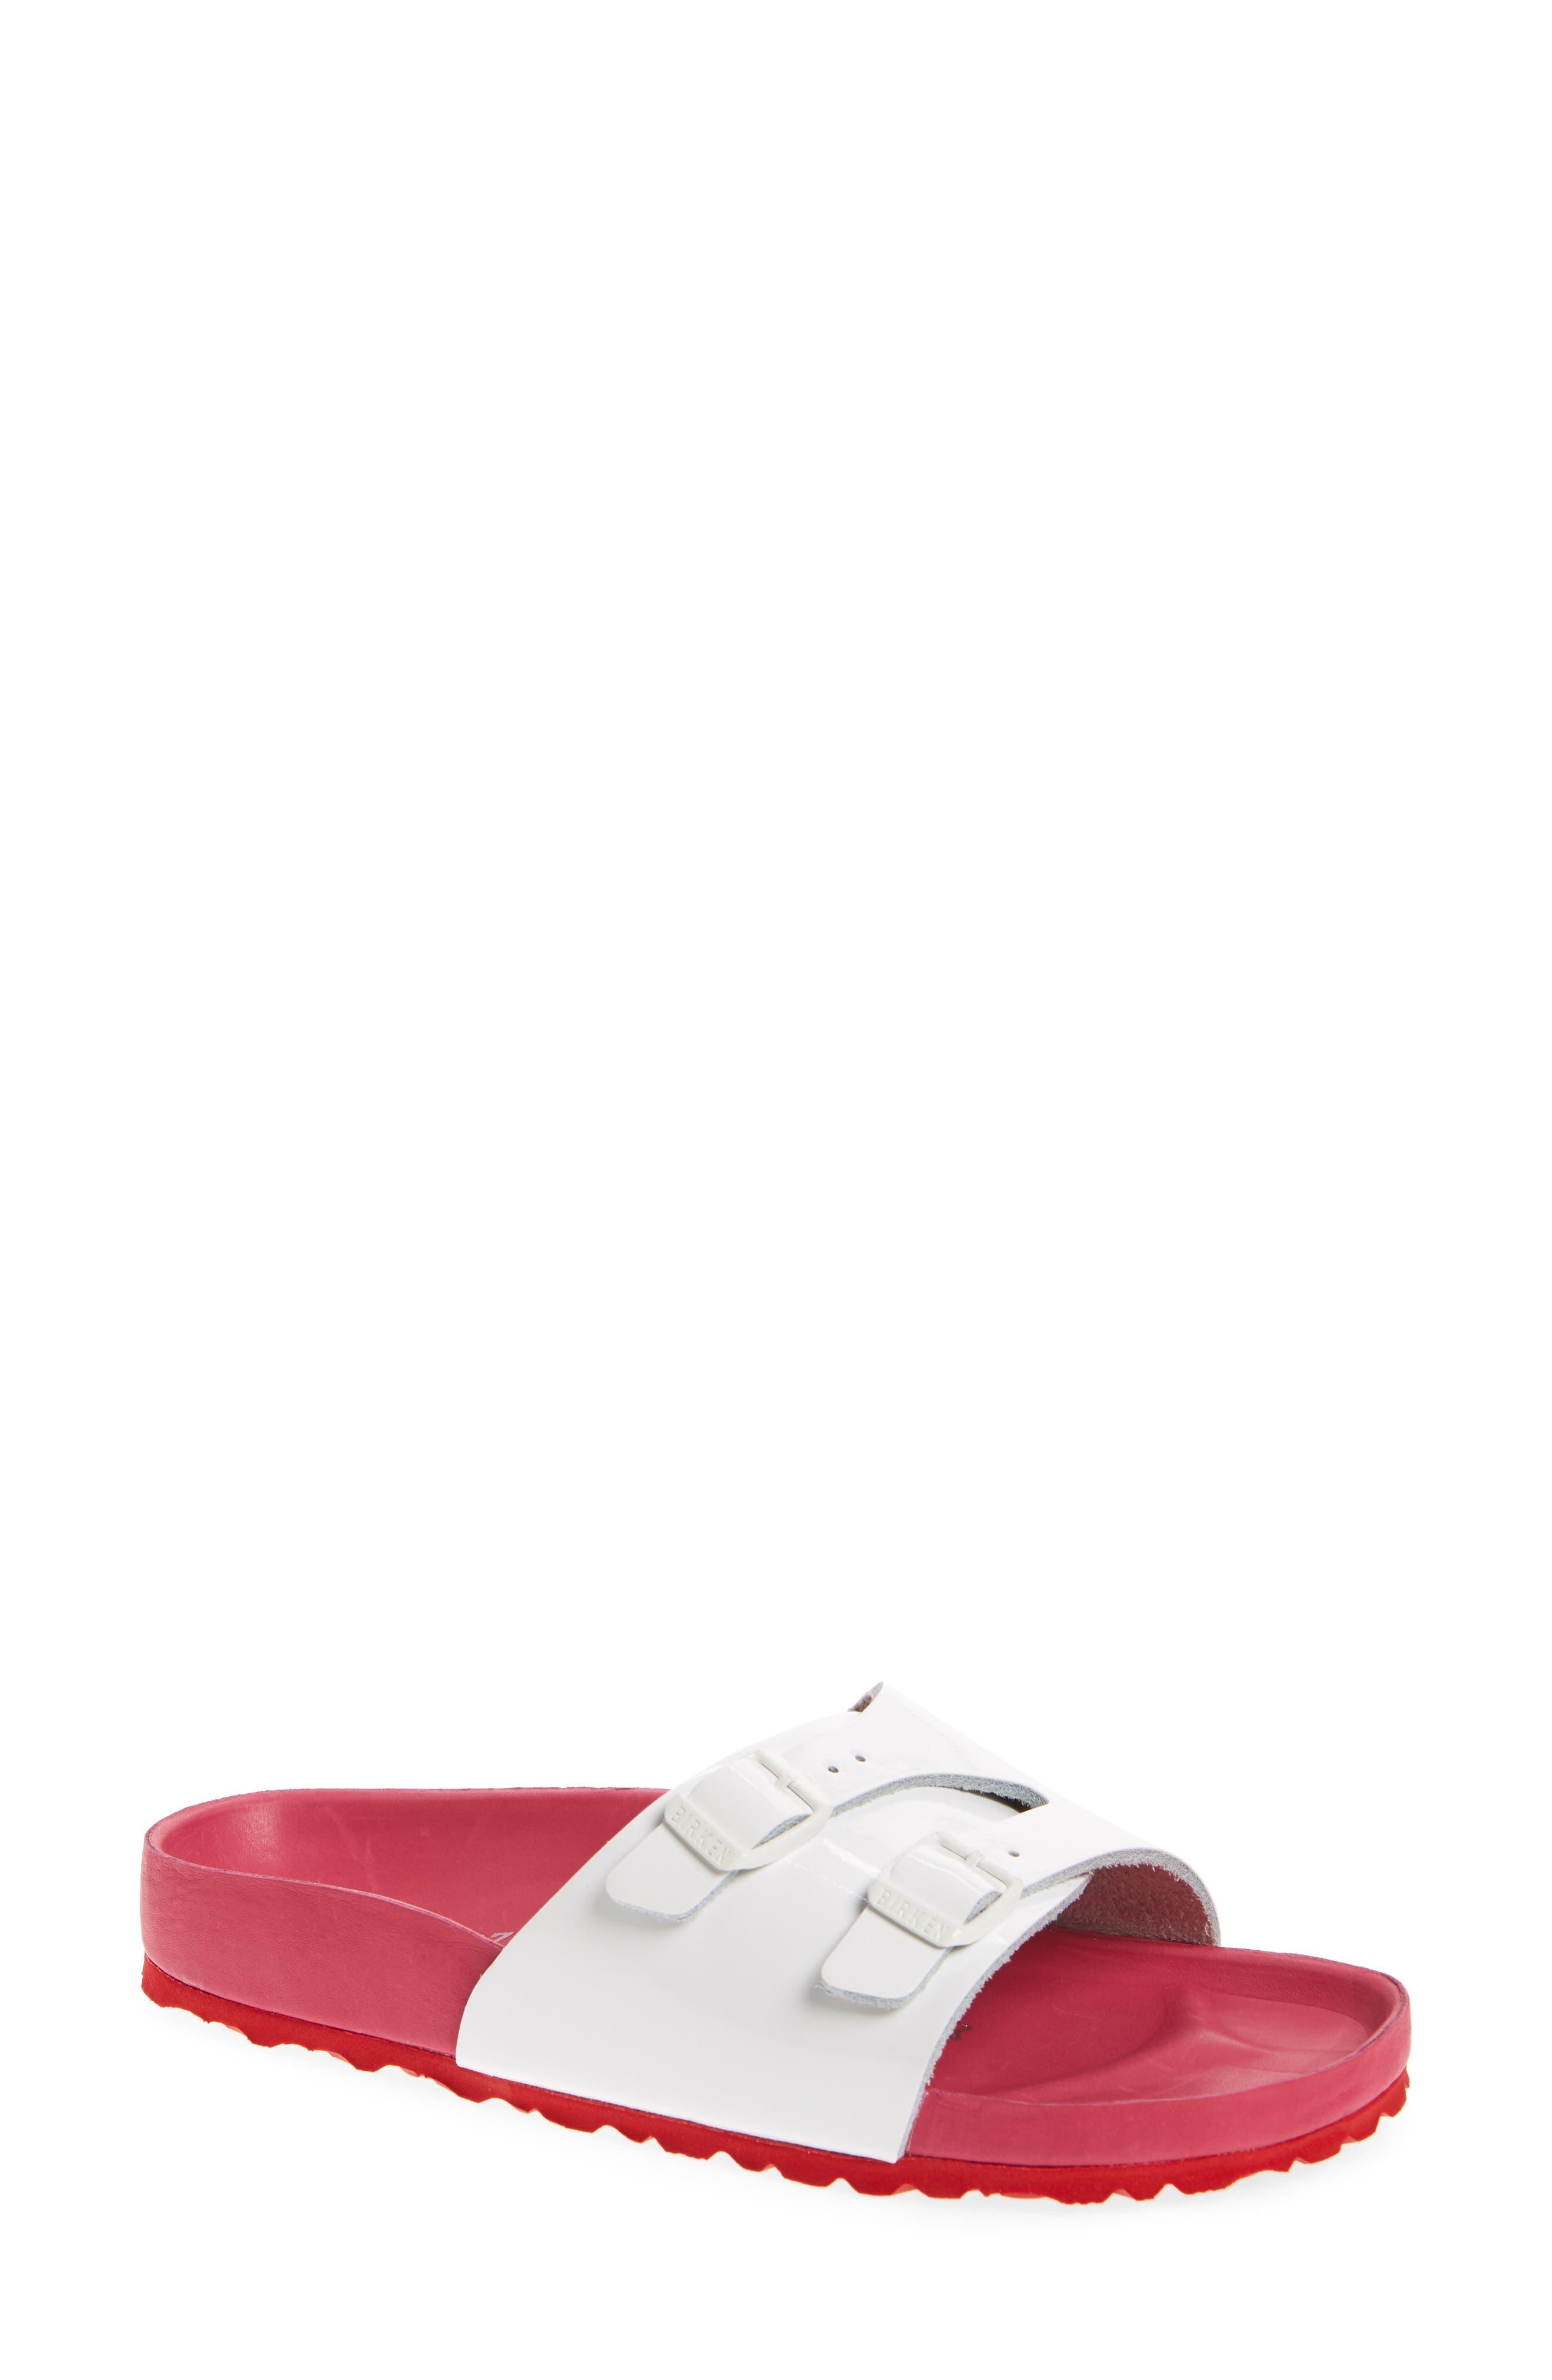 Birkenstock Vaduz Exquisite Limited Edition - Shock Drop Sandal (Women)